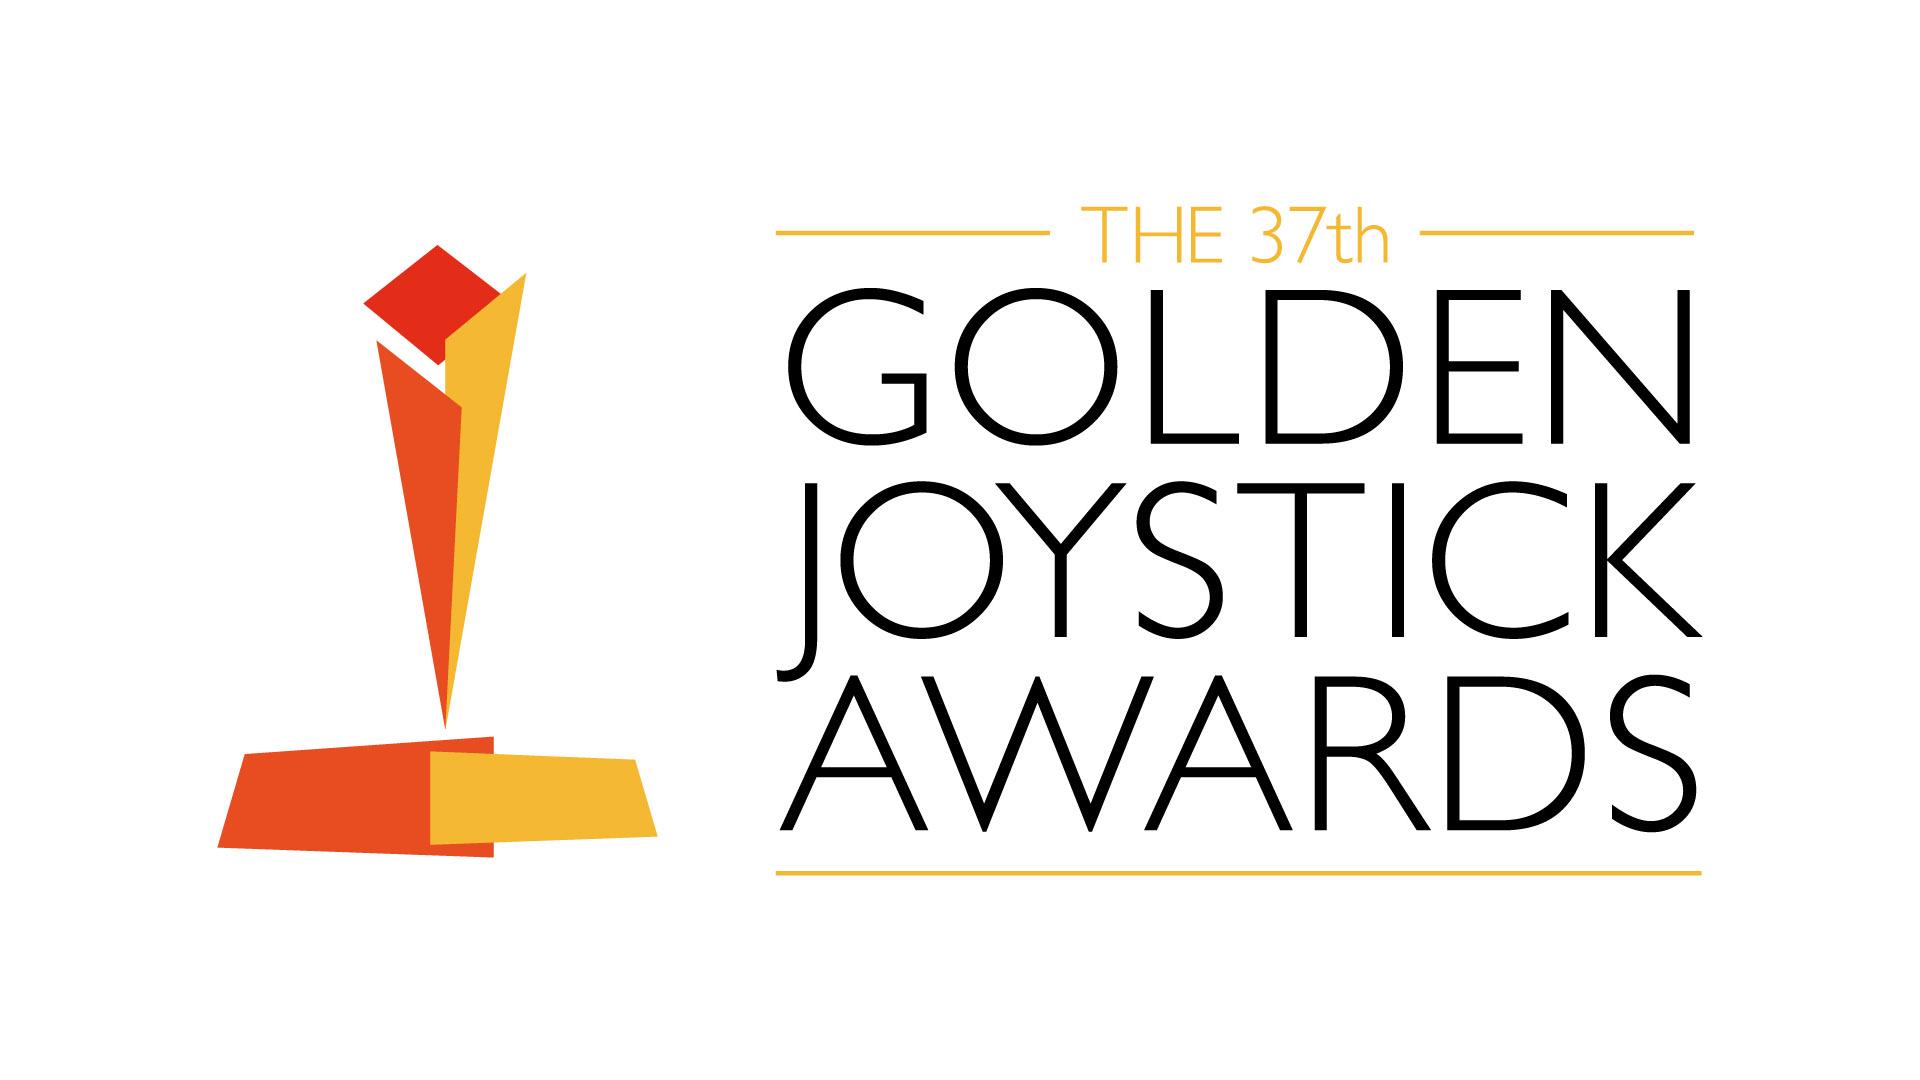 the golden joystick awards, golden joystick award news, golden joystick, golden joystick awards logo